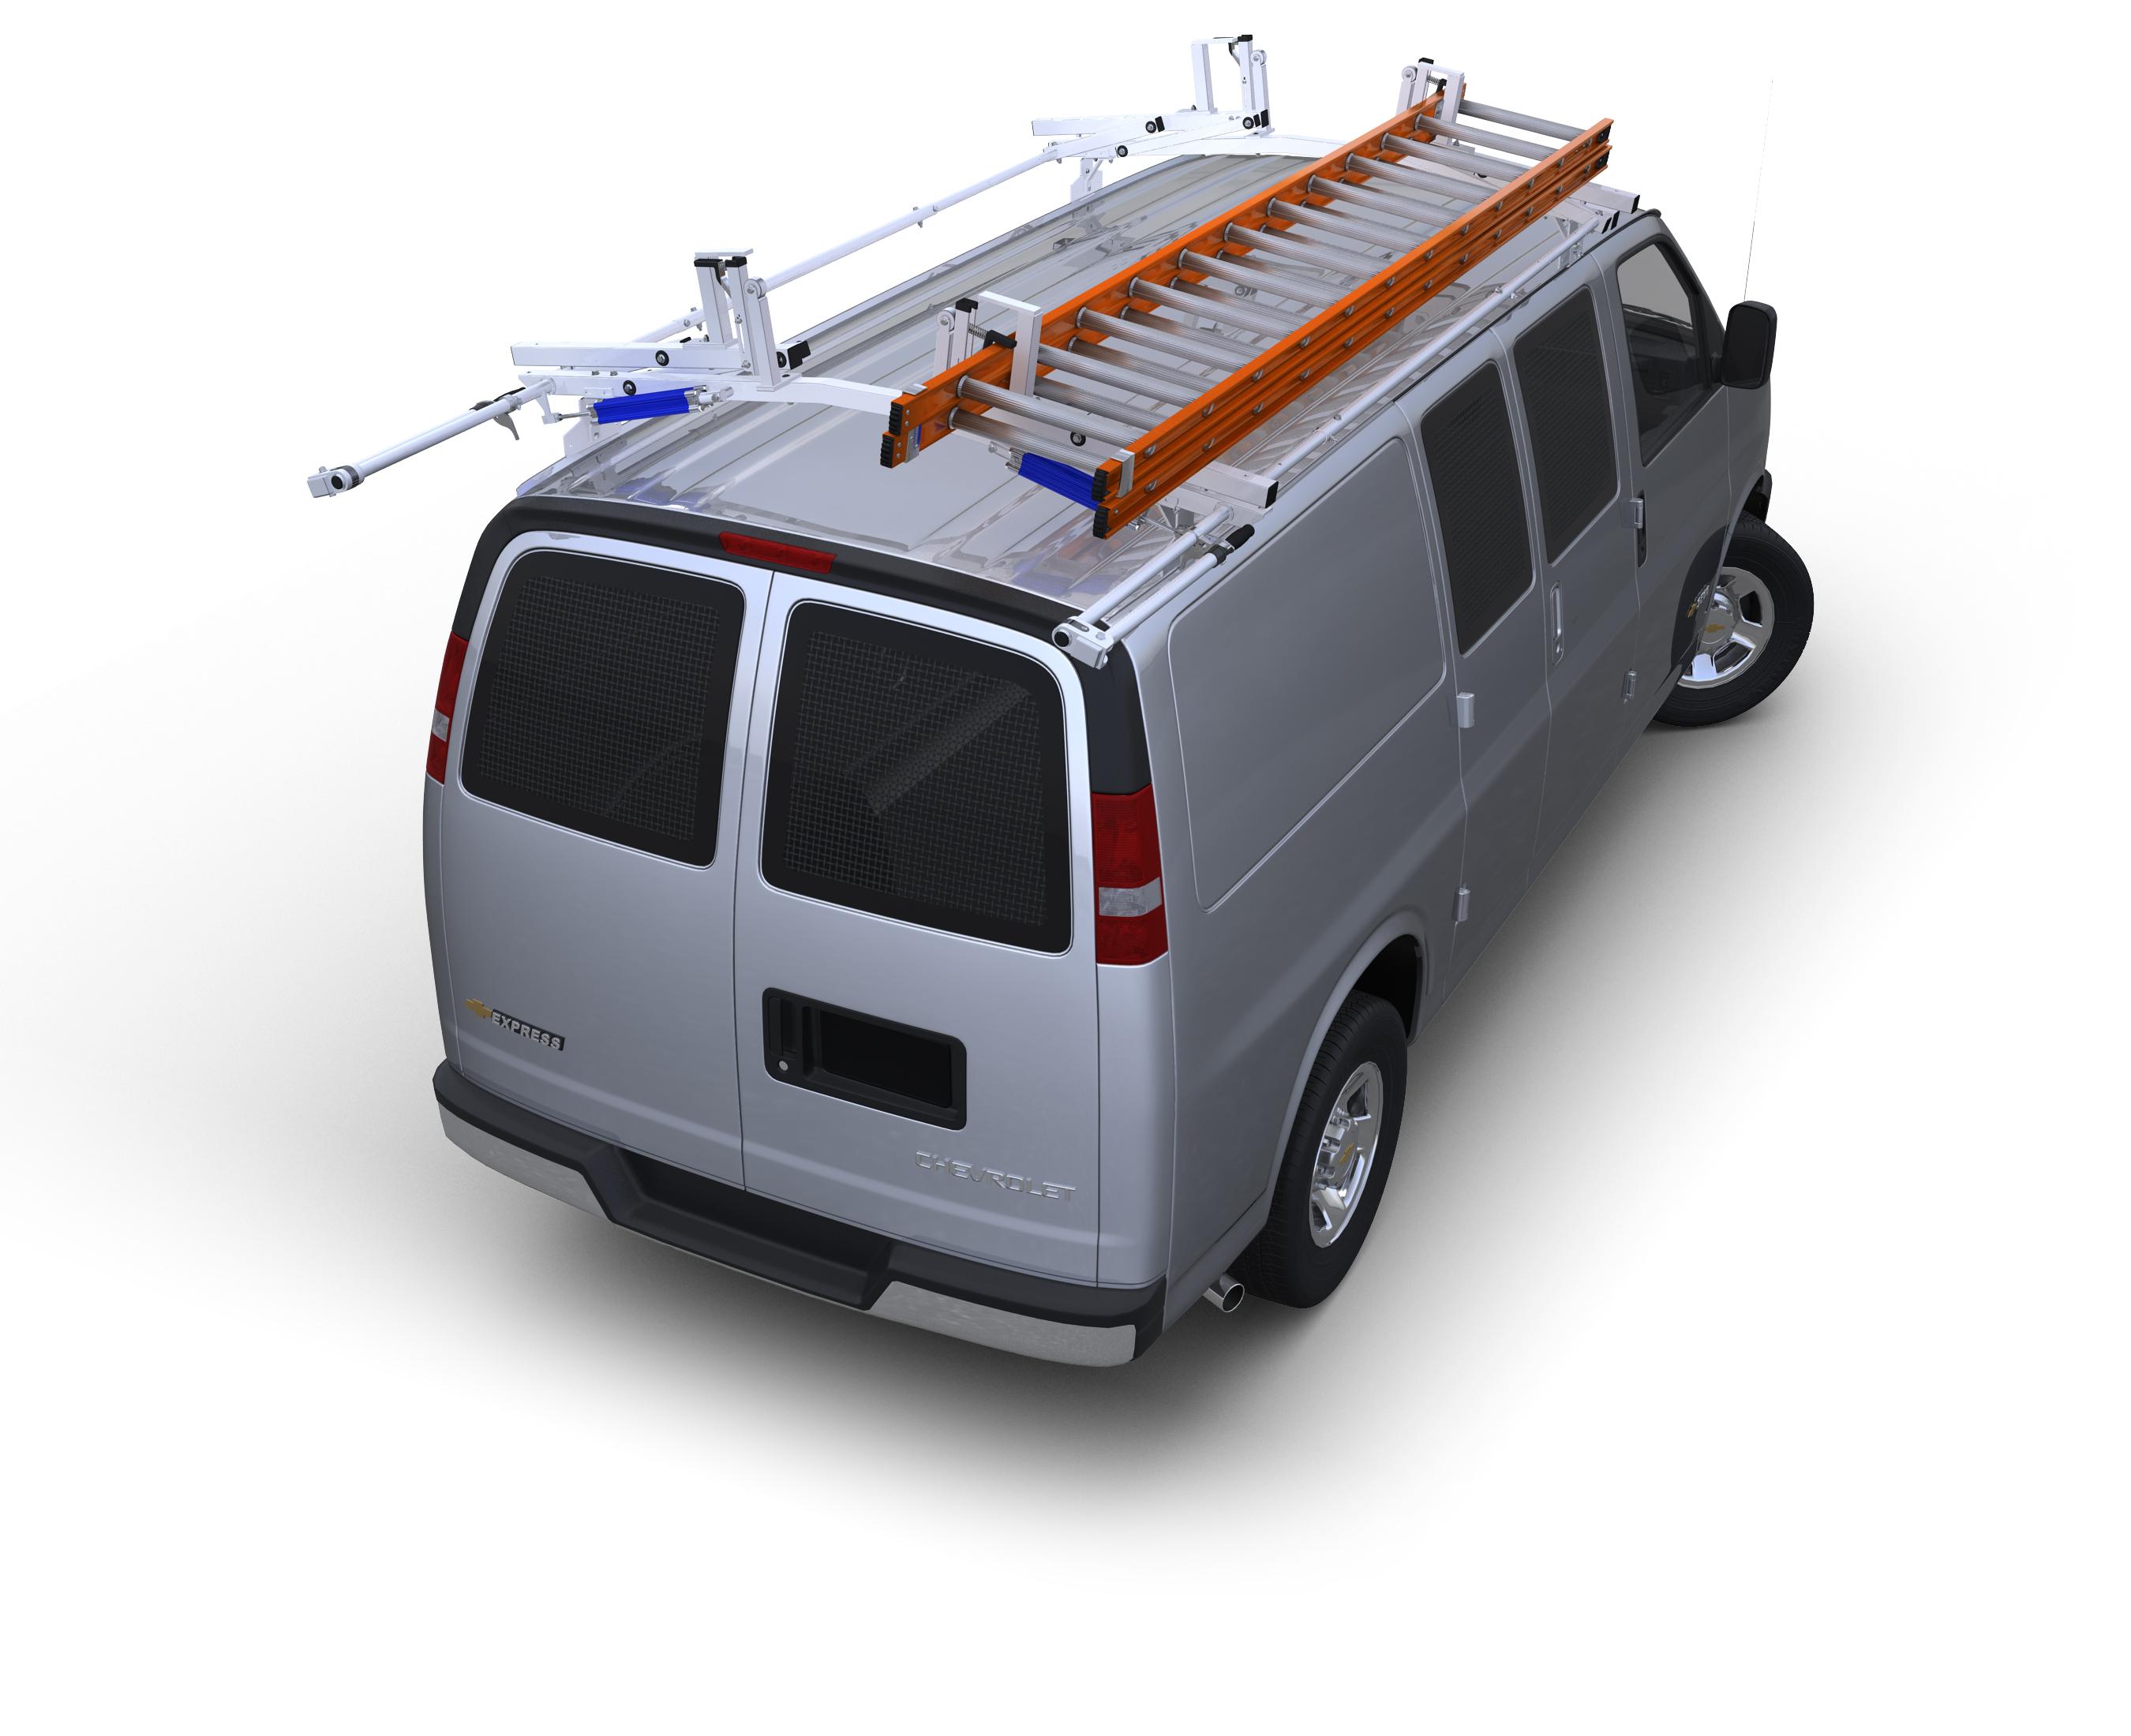 Steel Base Ladder Rack - 2003 & Older Dodge RAM Vans - SAVE 50%!